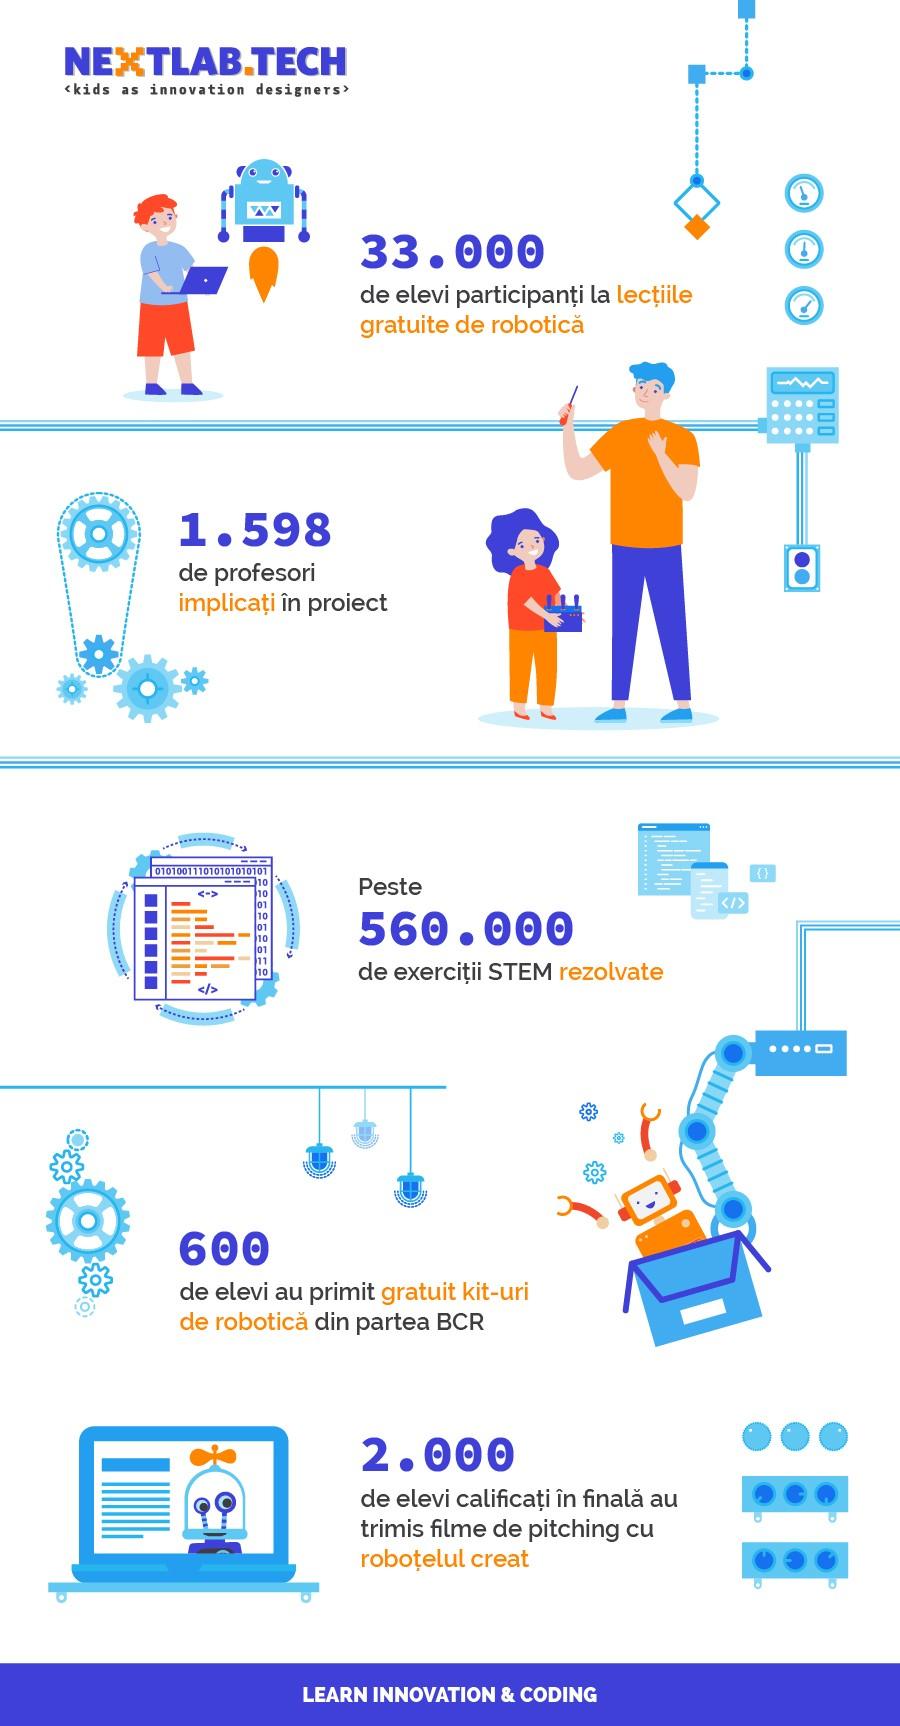 33.000 de elevi au participat in 2020 la concursul de robotica NEXTLAB.TECH